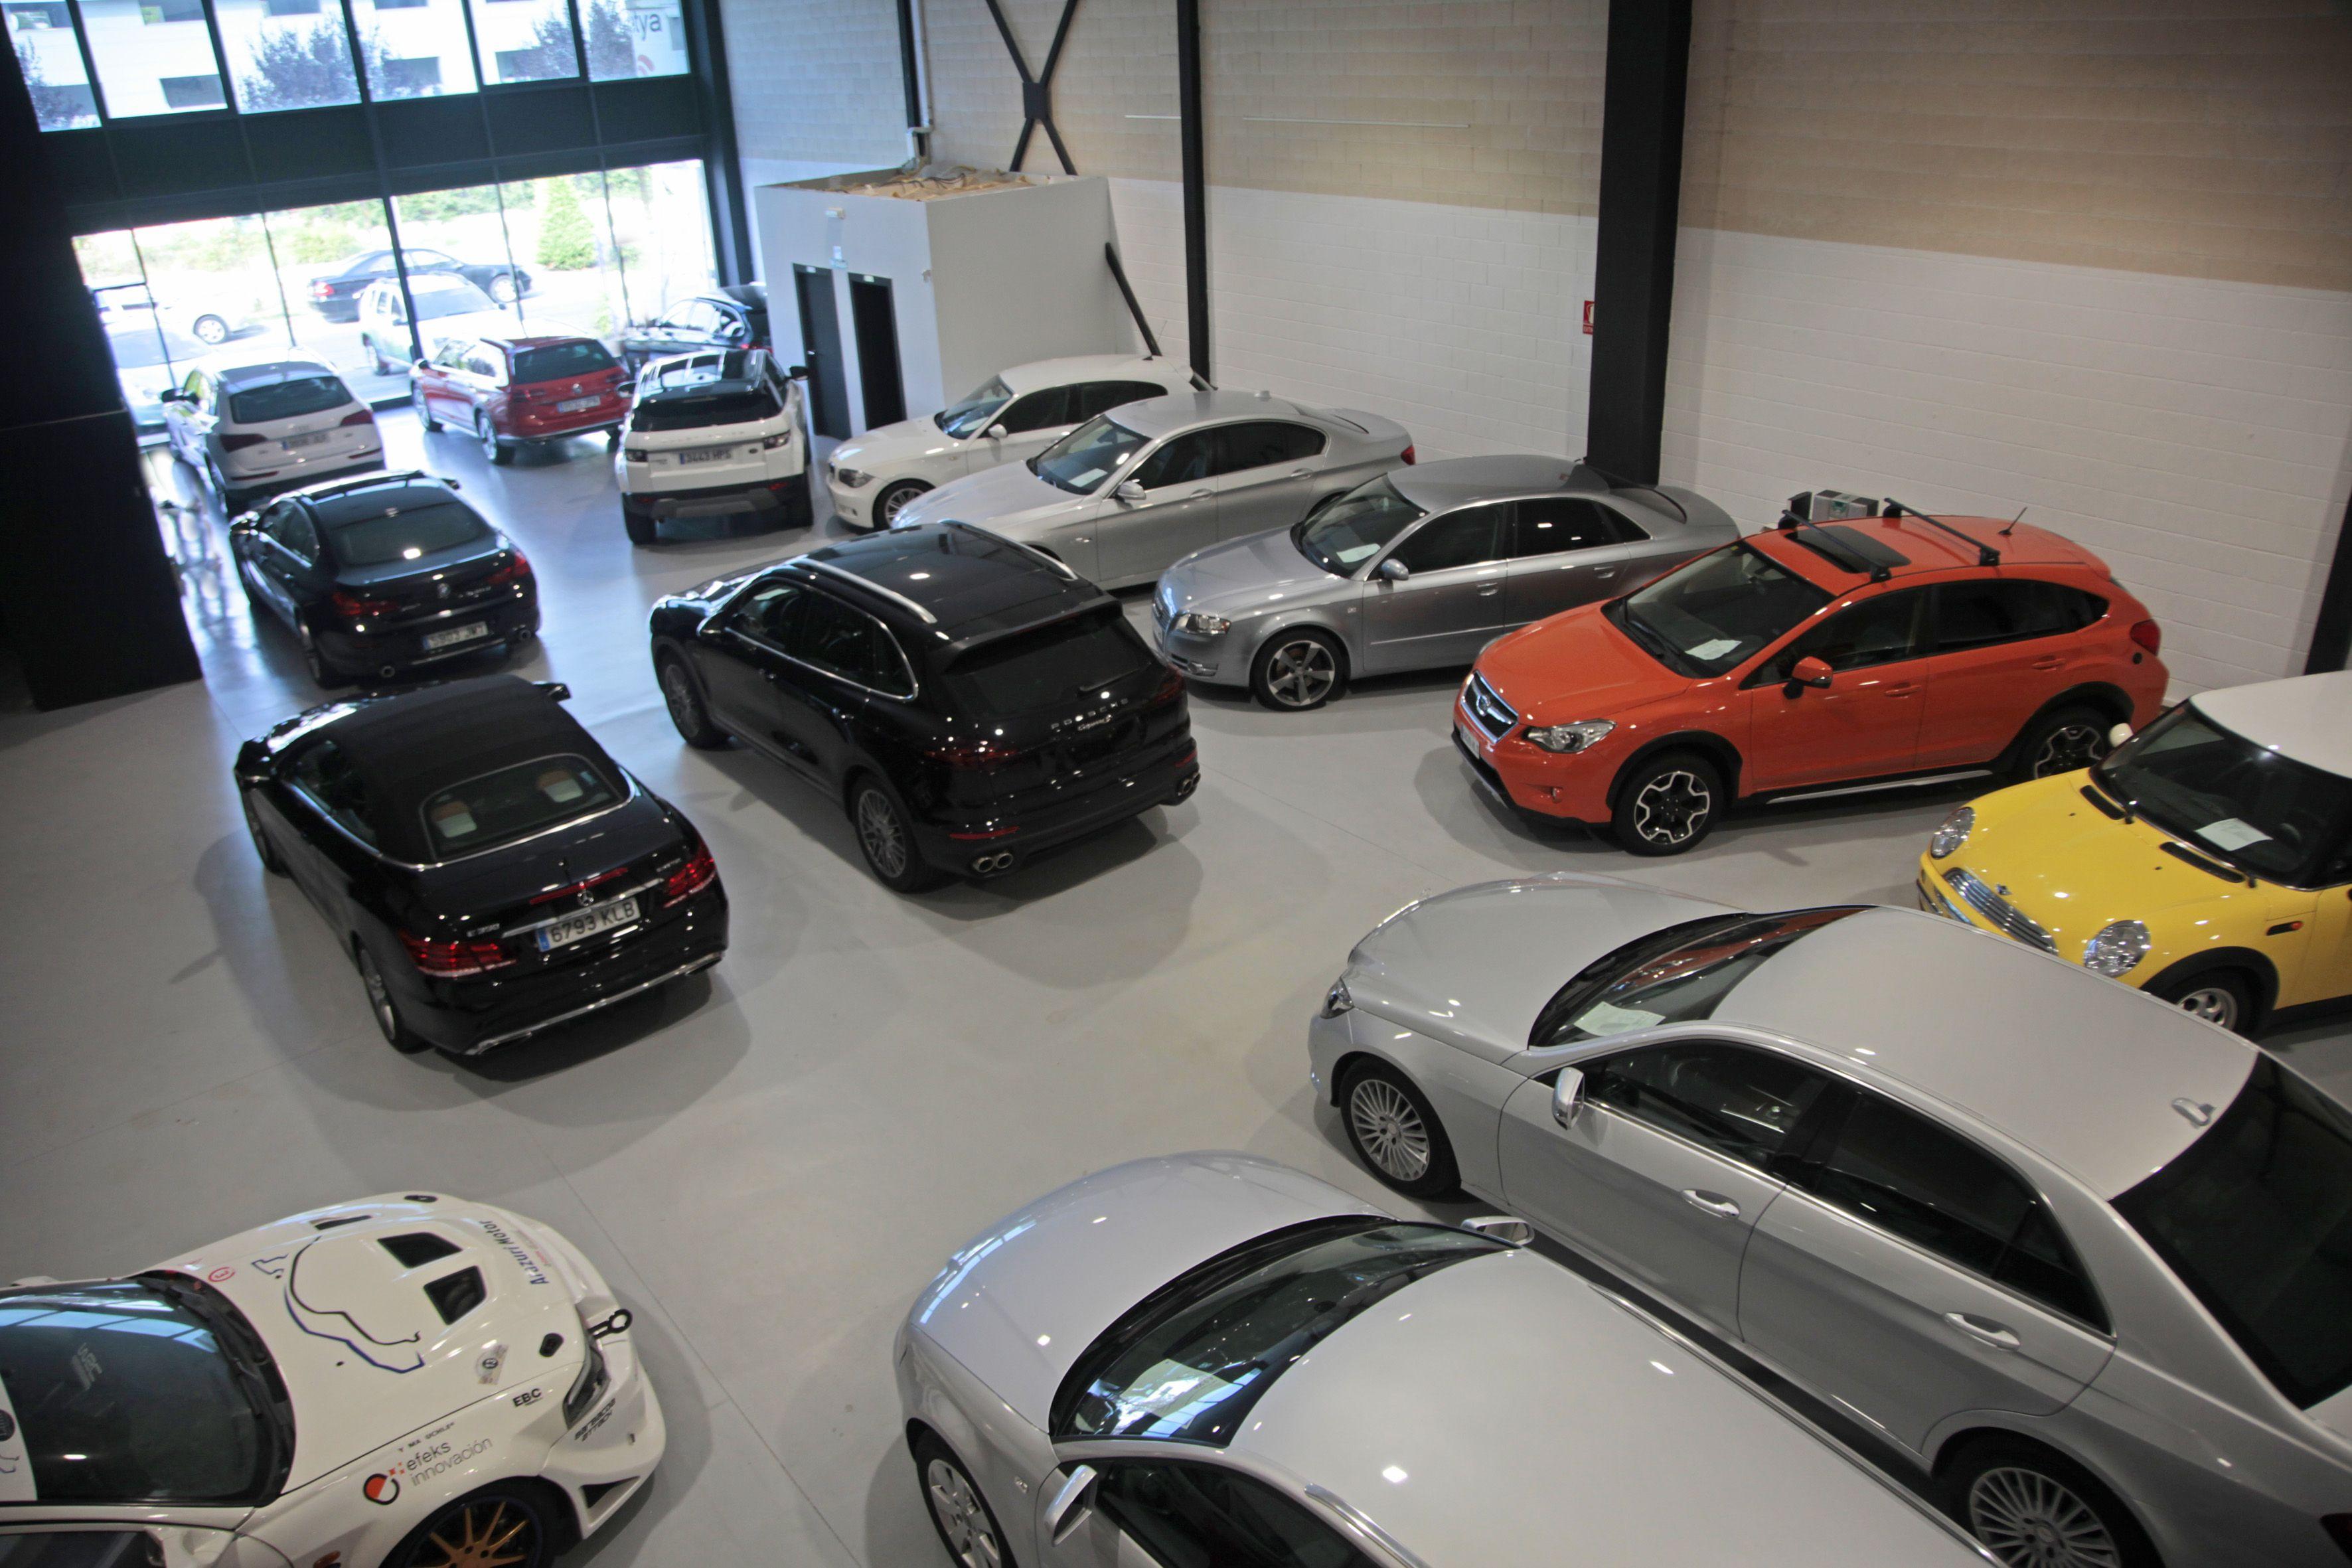 Venta de vehículos de marcas tan prestigiosas como Porche